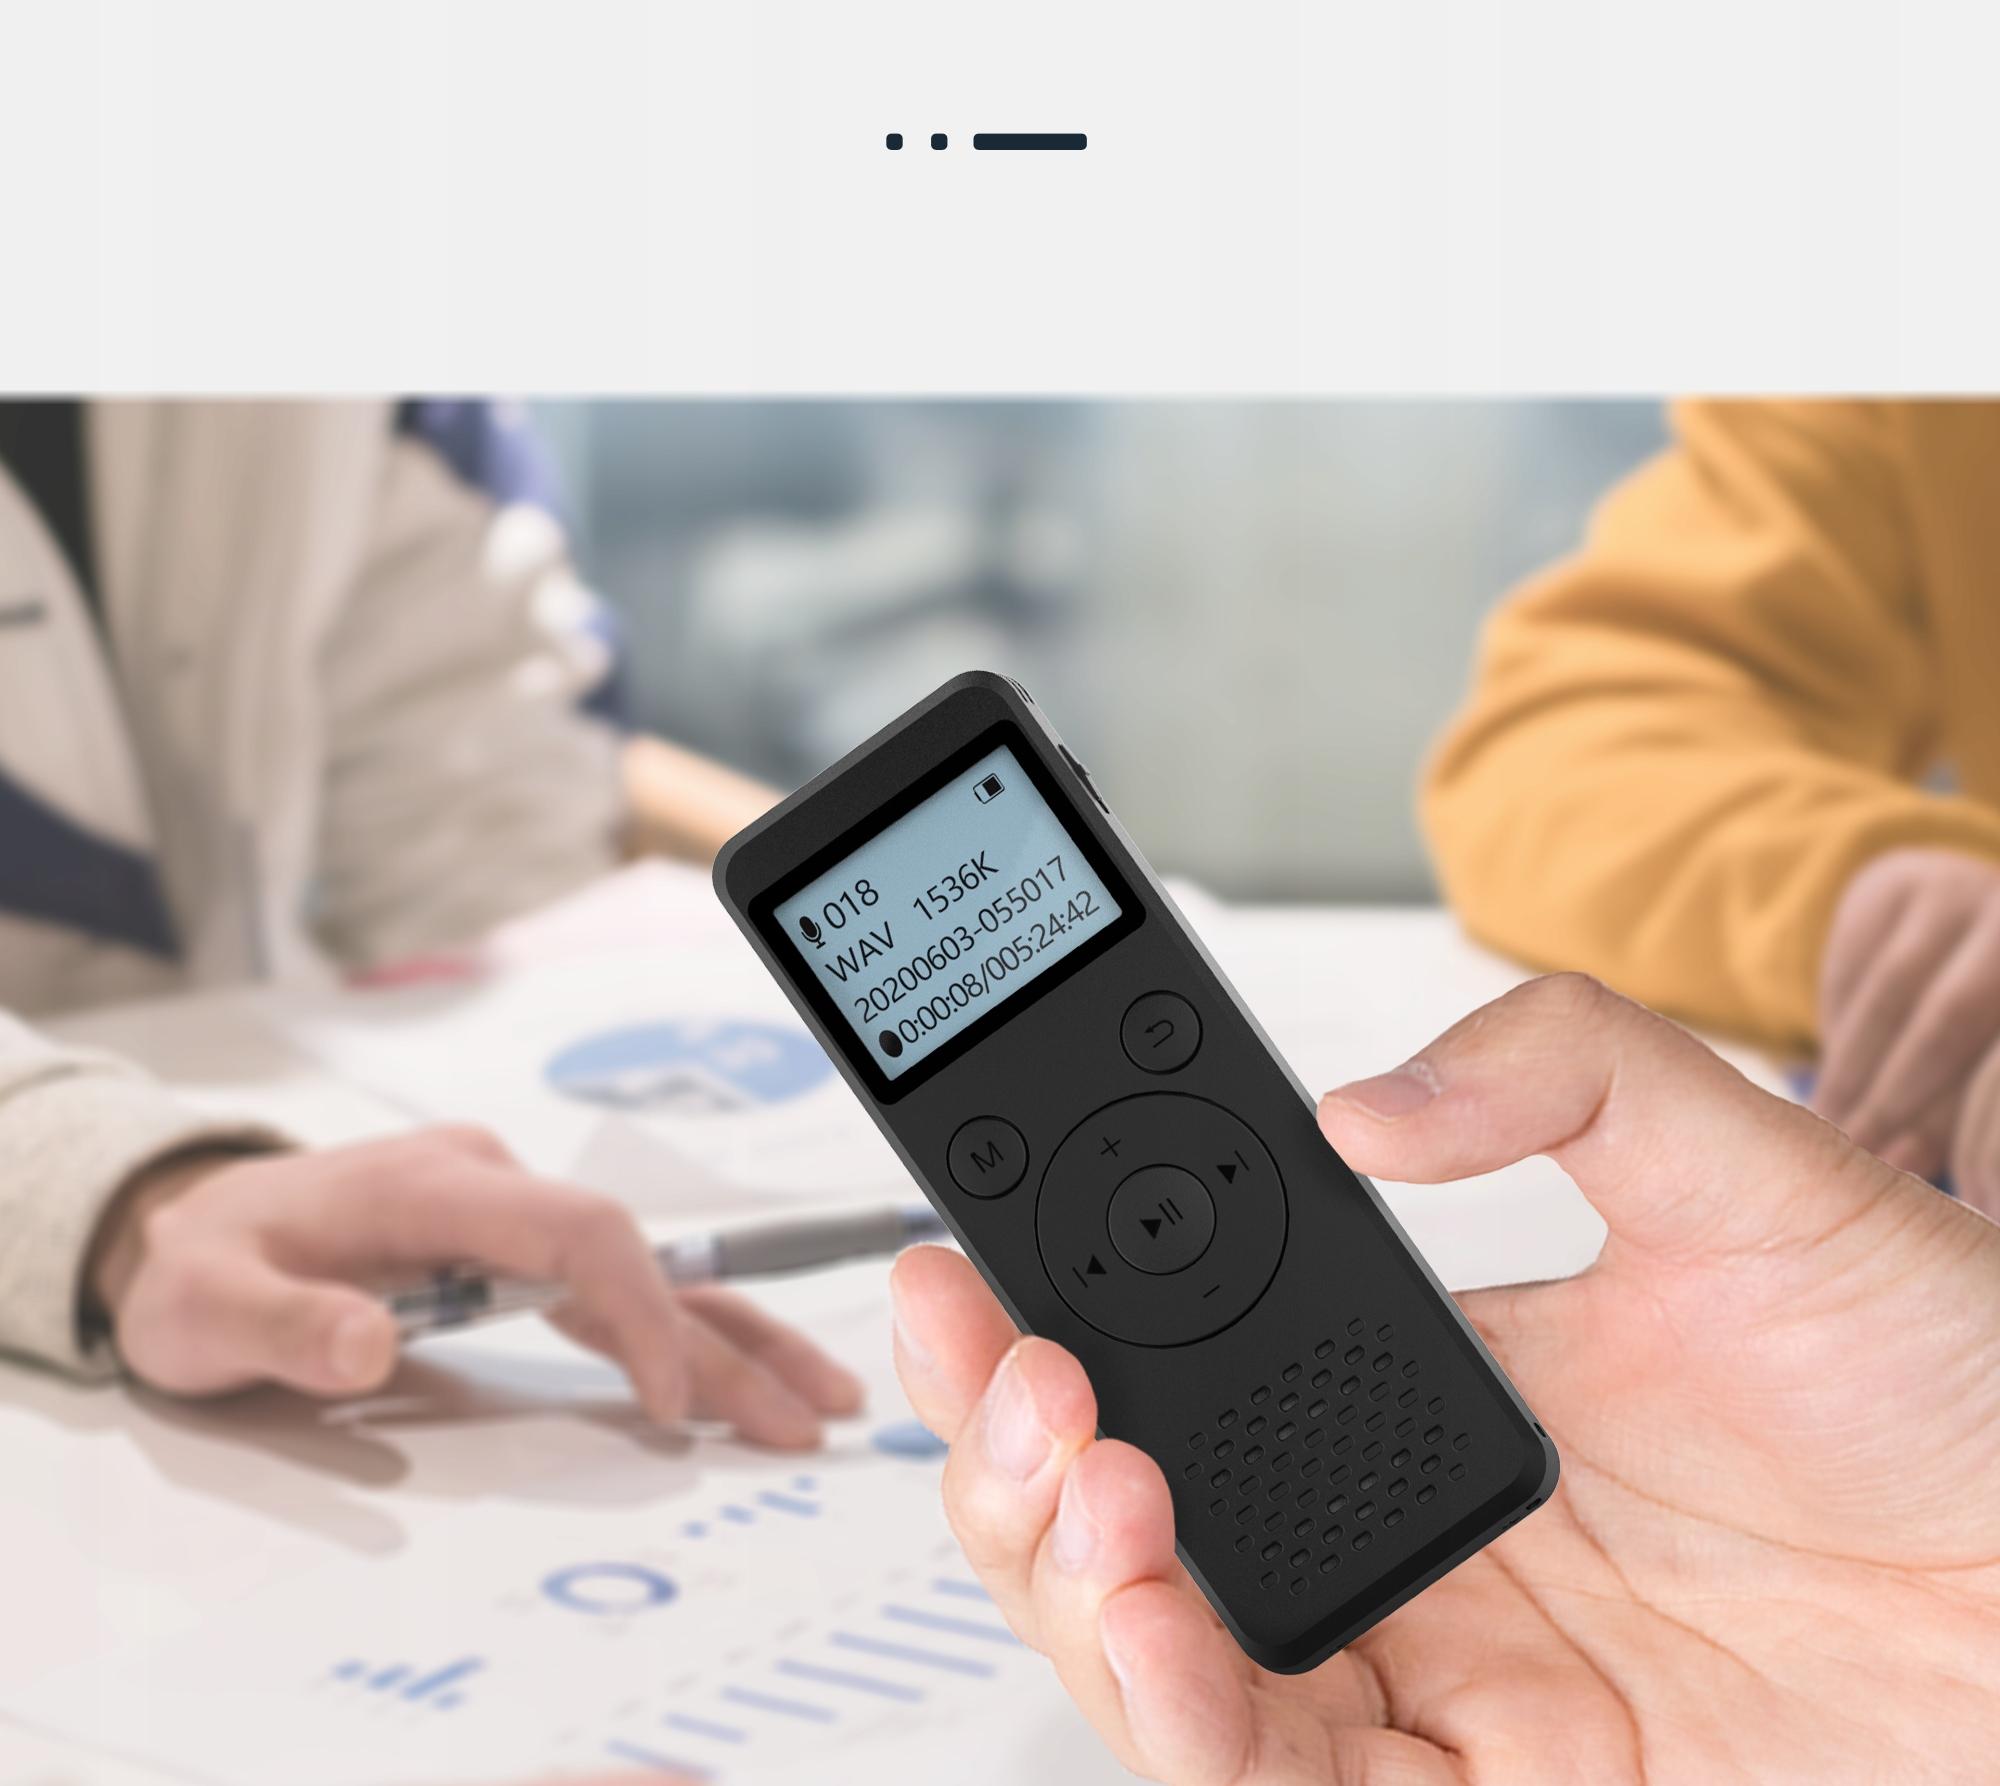 Szpiegowski Dyktafon cyfrowy1536Kbps 8GB detekcja Obsługa kart pamięci nie